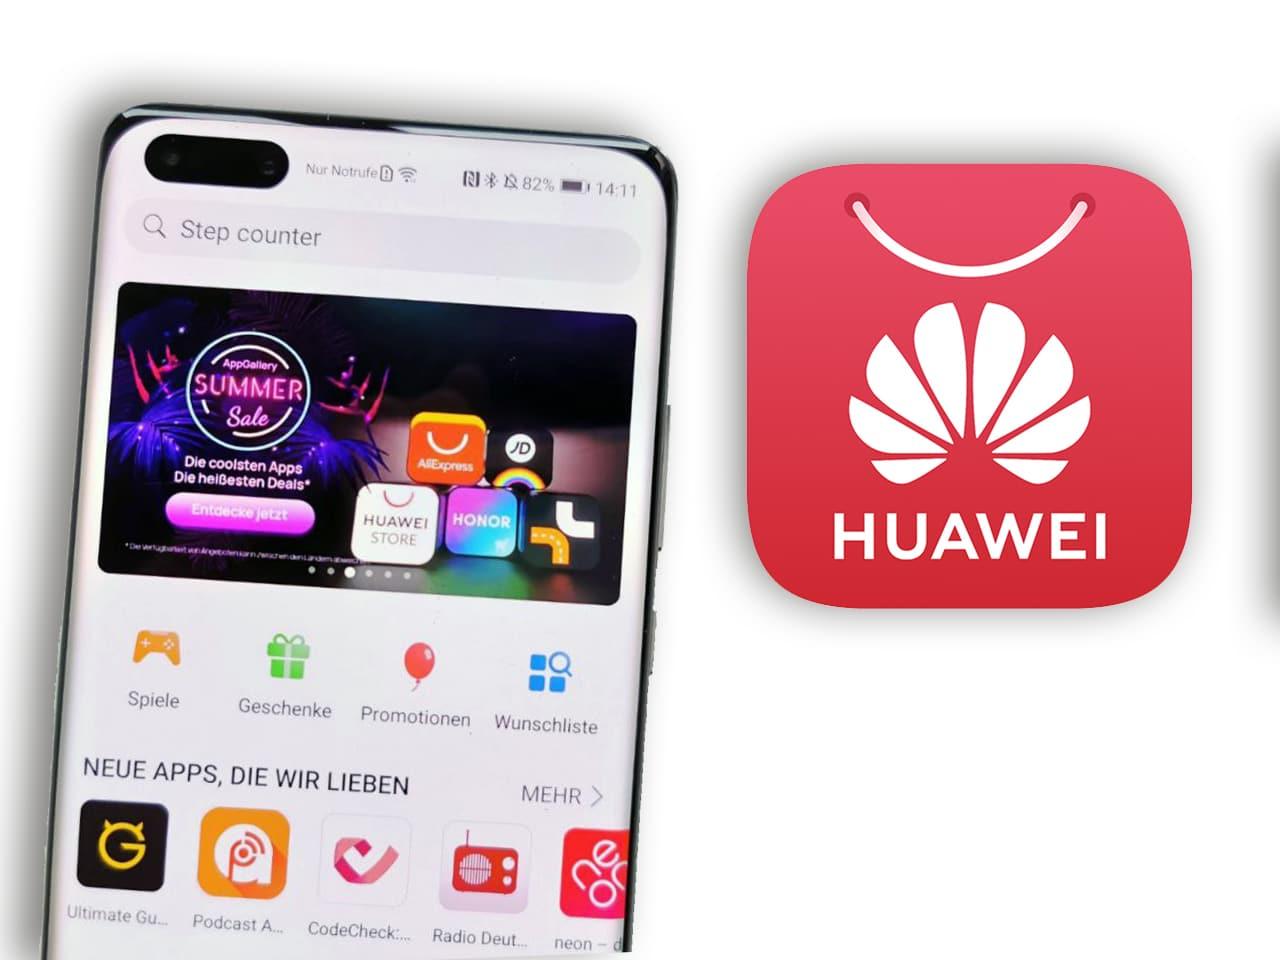 AppGallery von Huawei: Welche Apps gibt es?